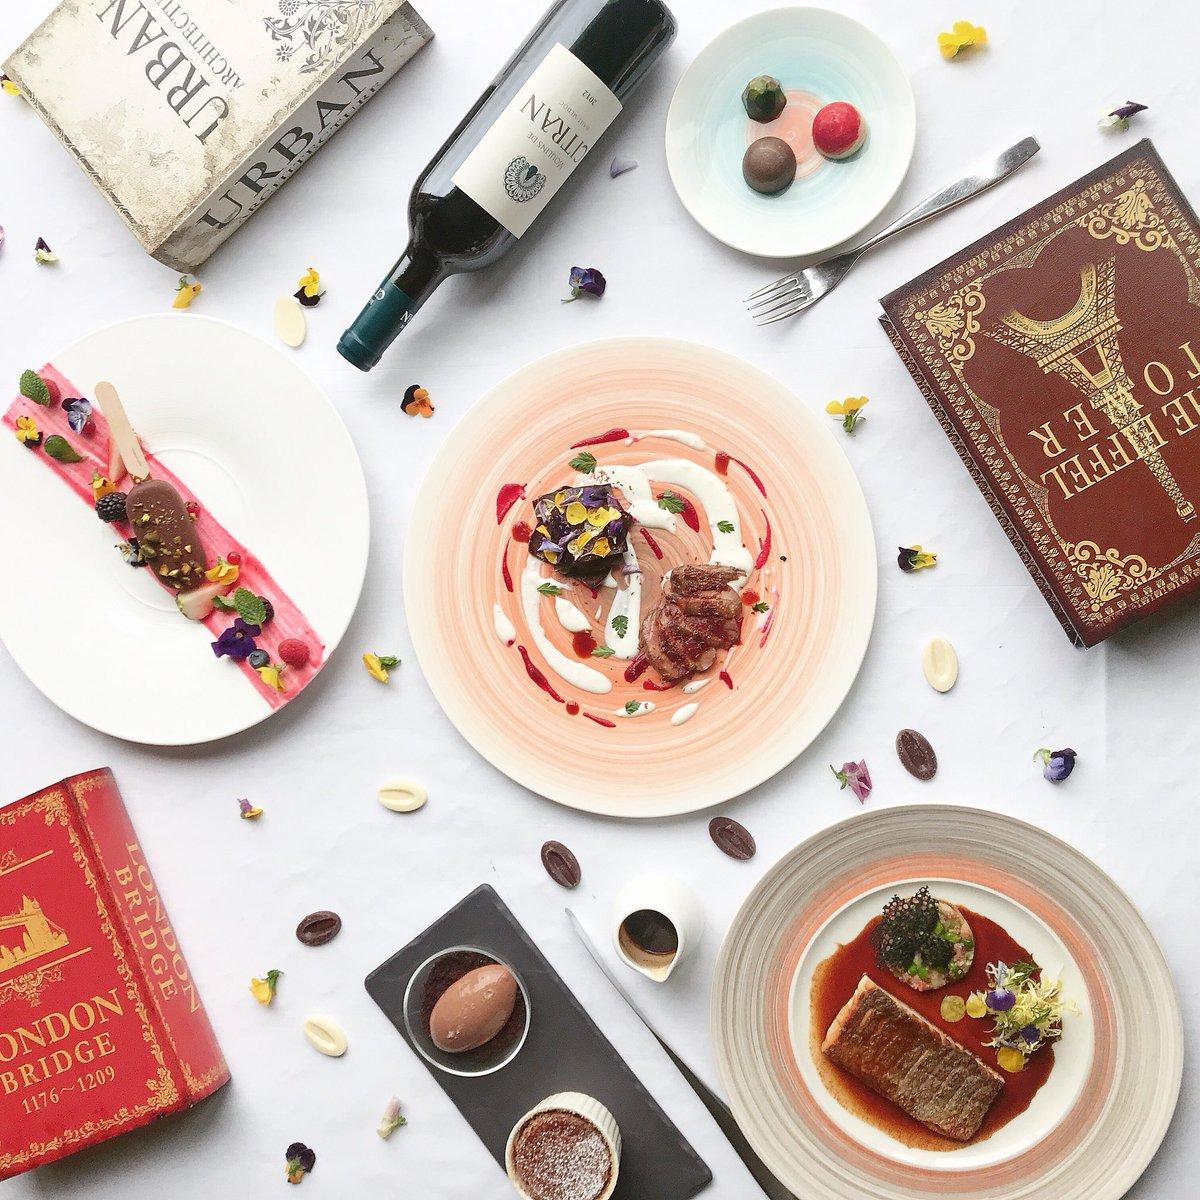 Chocolate set menu ❤️#sofitelmacau #sofitelworld #chocolate #dishes #chocolateset #happytime #enjoying #enjoylife #happylife https://t.co/VCToFLeV0t